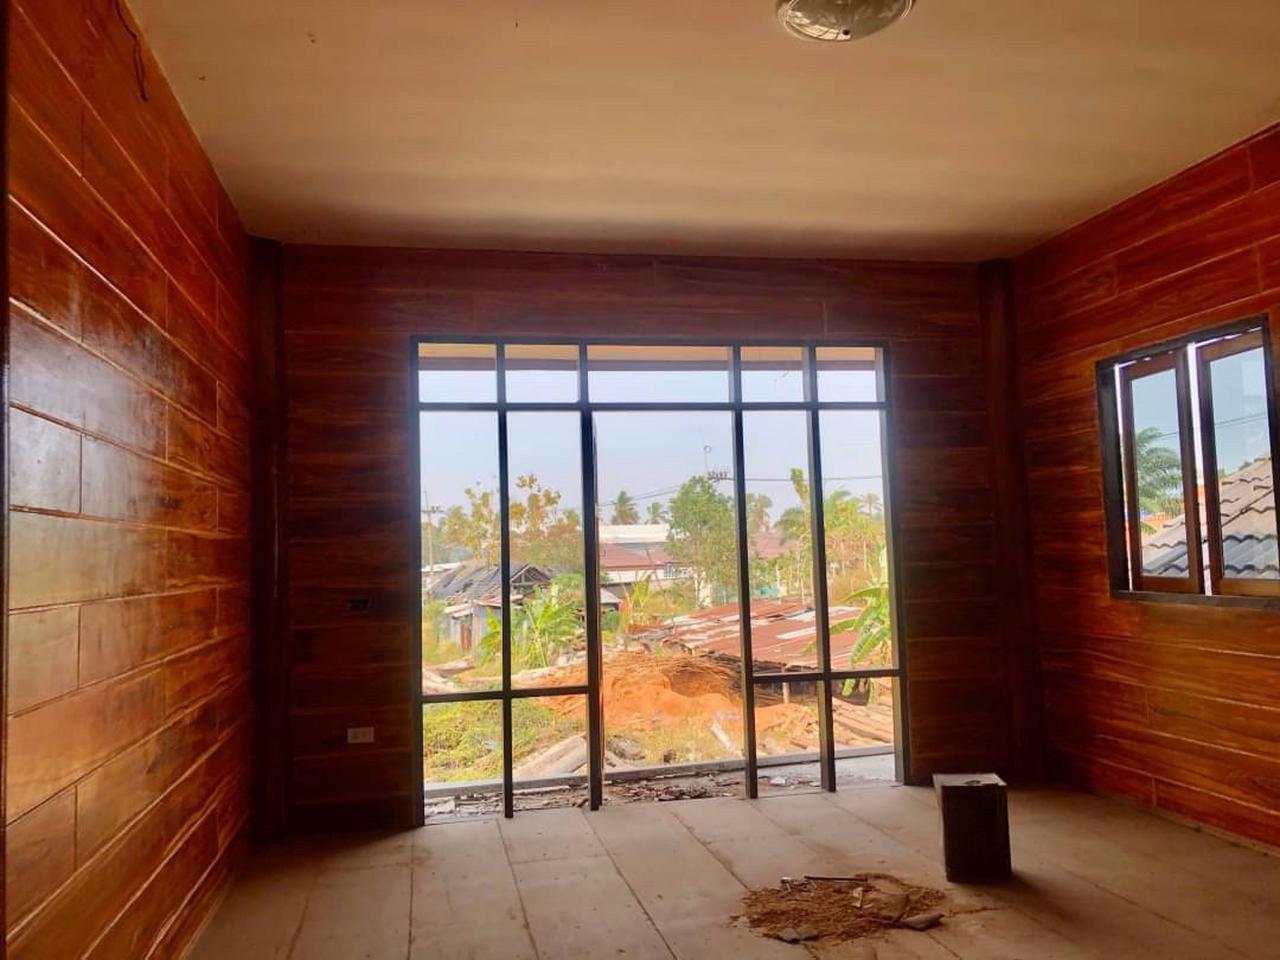 ขายบ้านเดี่ยว 2 ชั้นพัทยา  บ้านขายถูกใกล้เสร็จแล้ว ราคาขาย 3.9 ล้านบาท รูปที่ 4